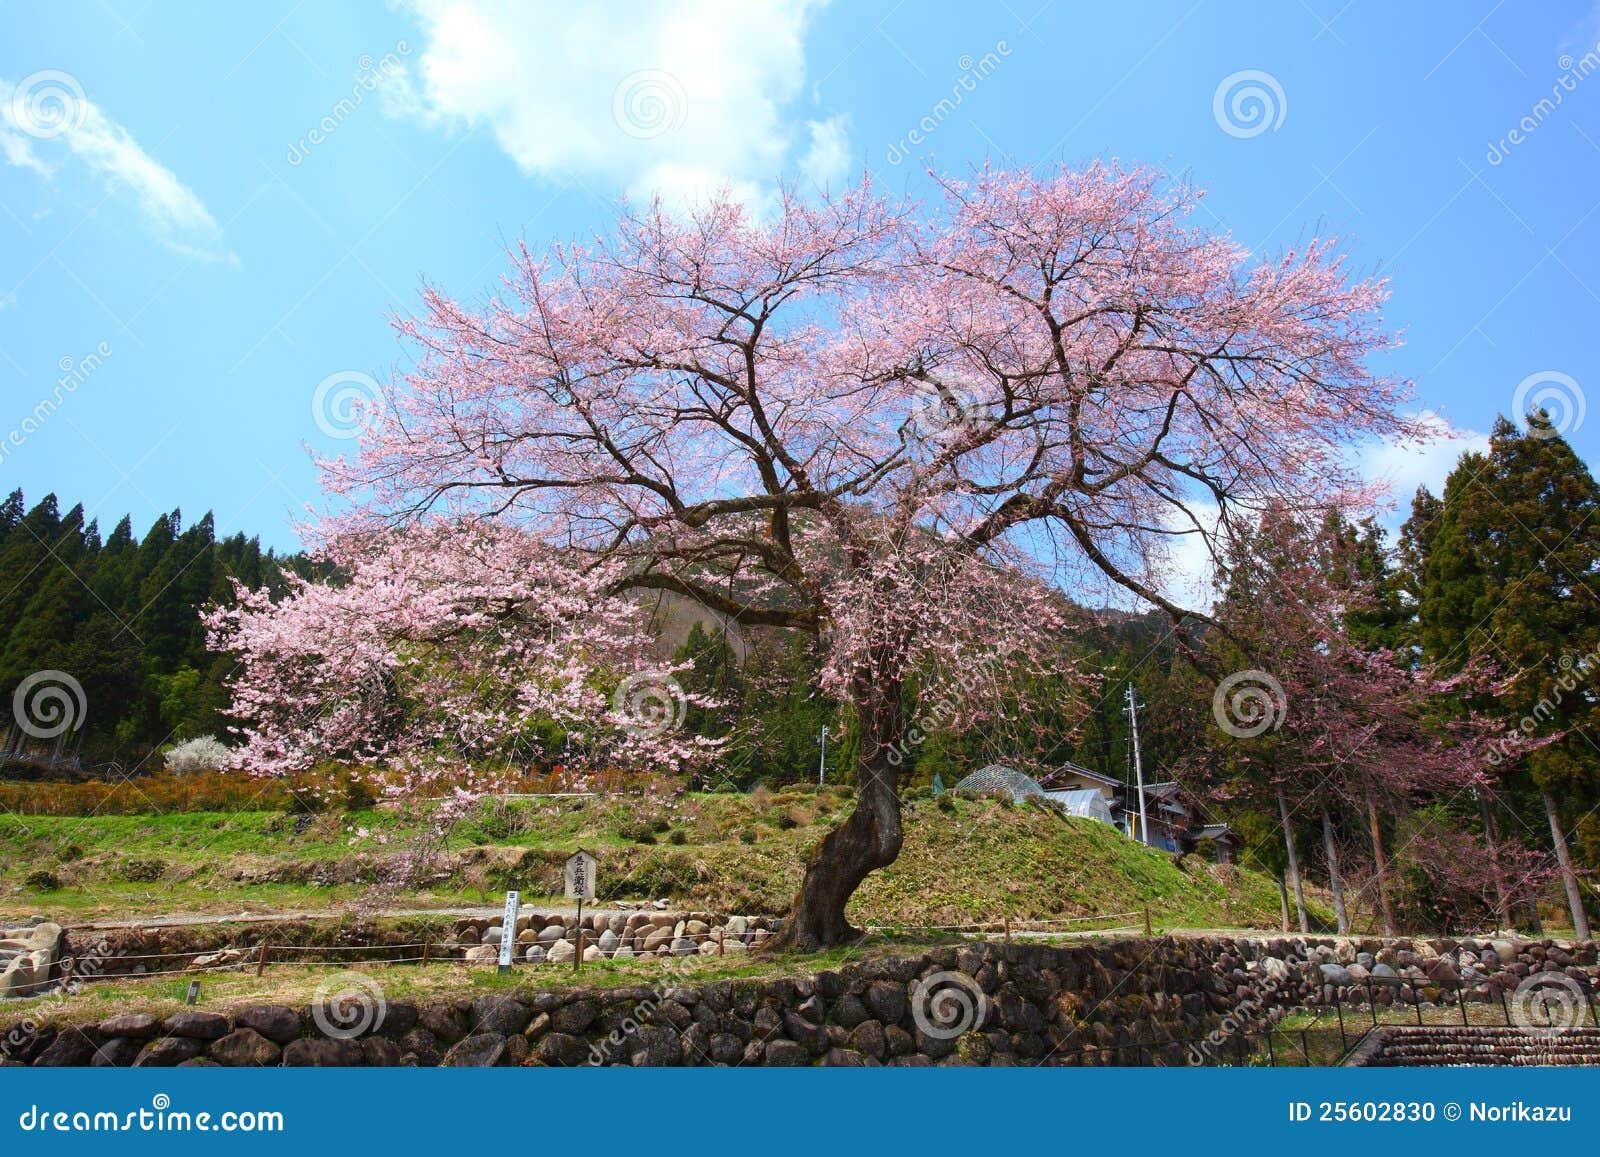 japanischer kirschbaum stockfoto bild von symbol fr hjahr 25602830. Black Bedroom Furniture Sets. Home Design Ideas